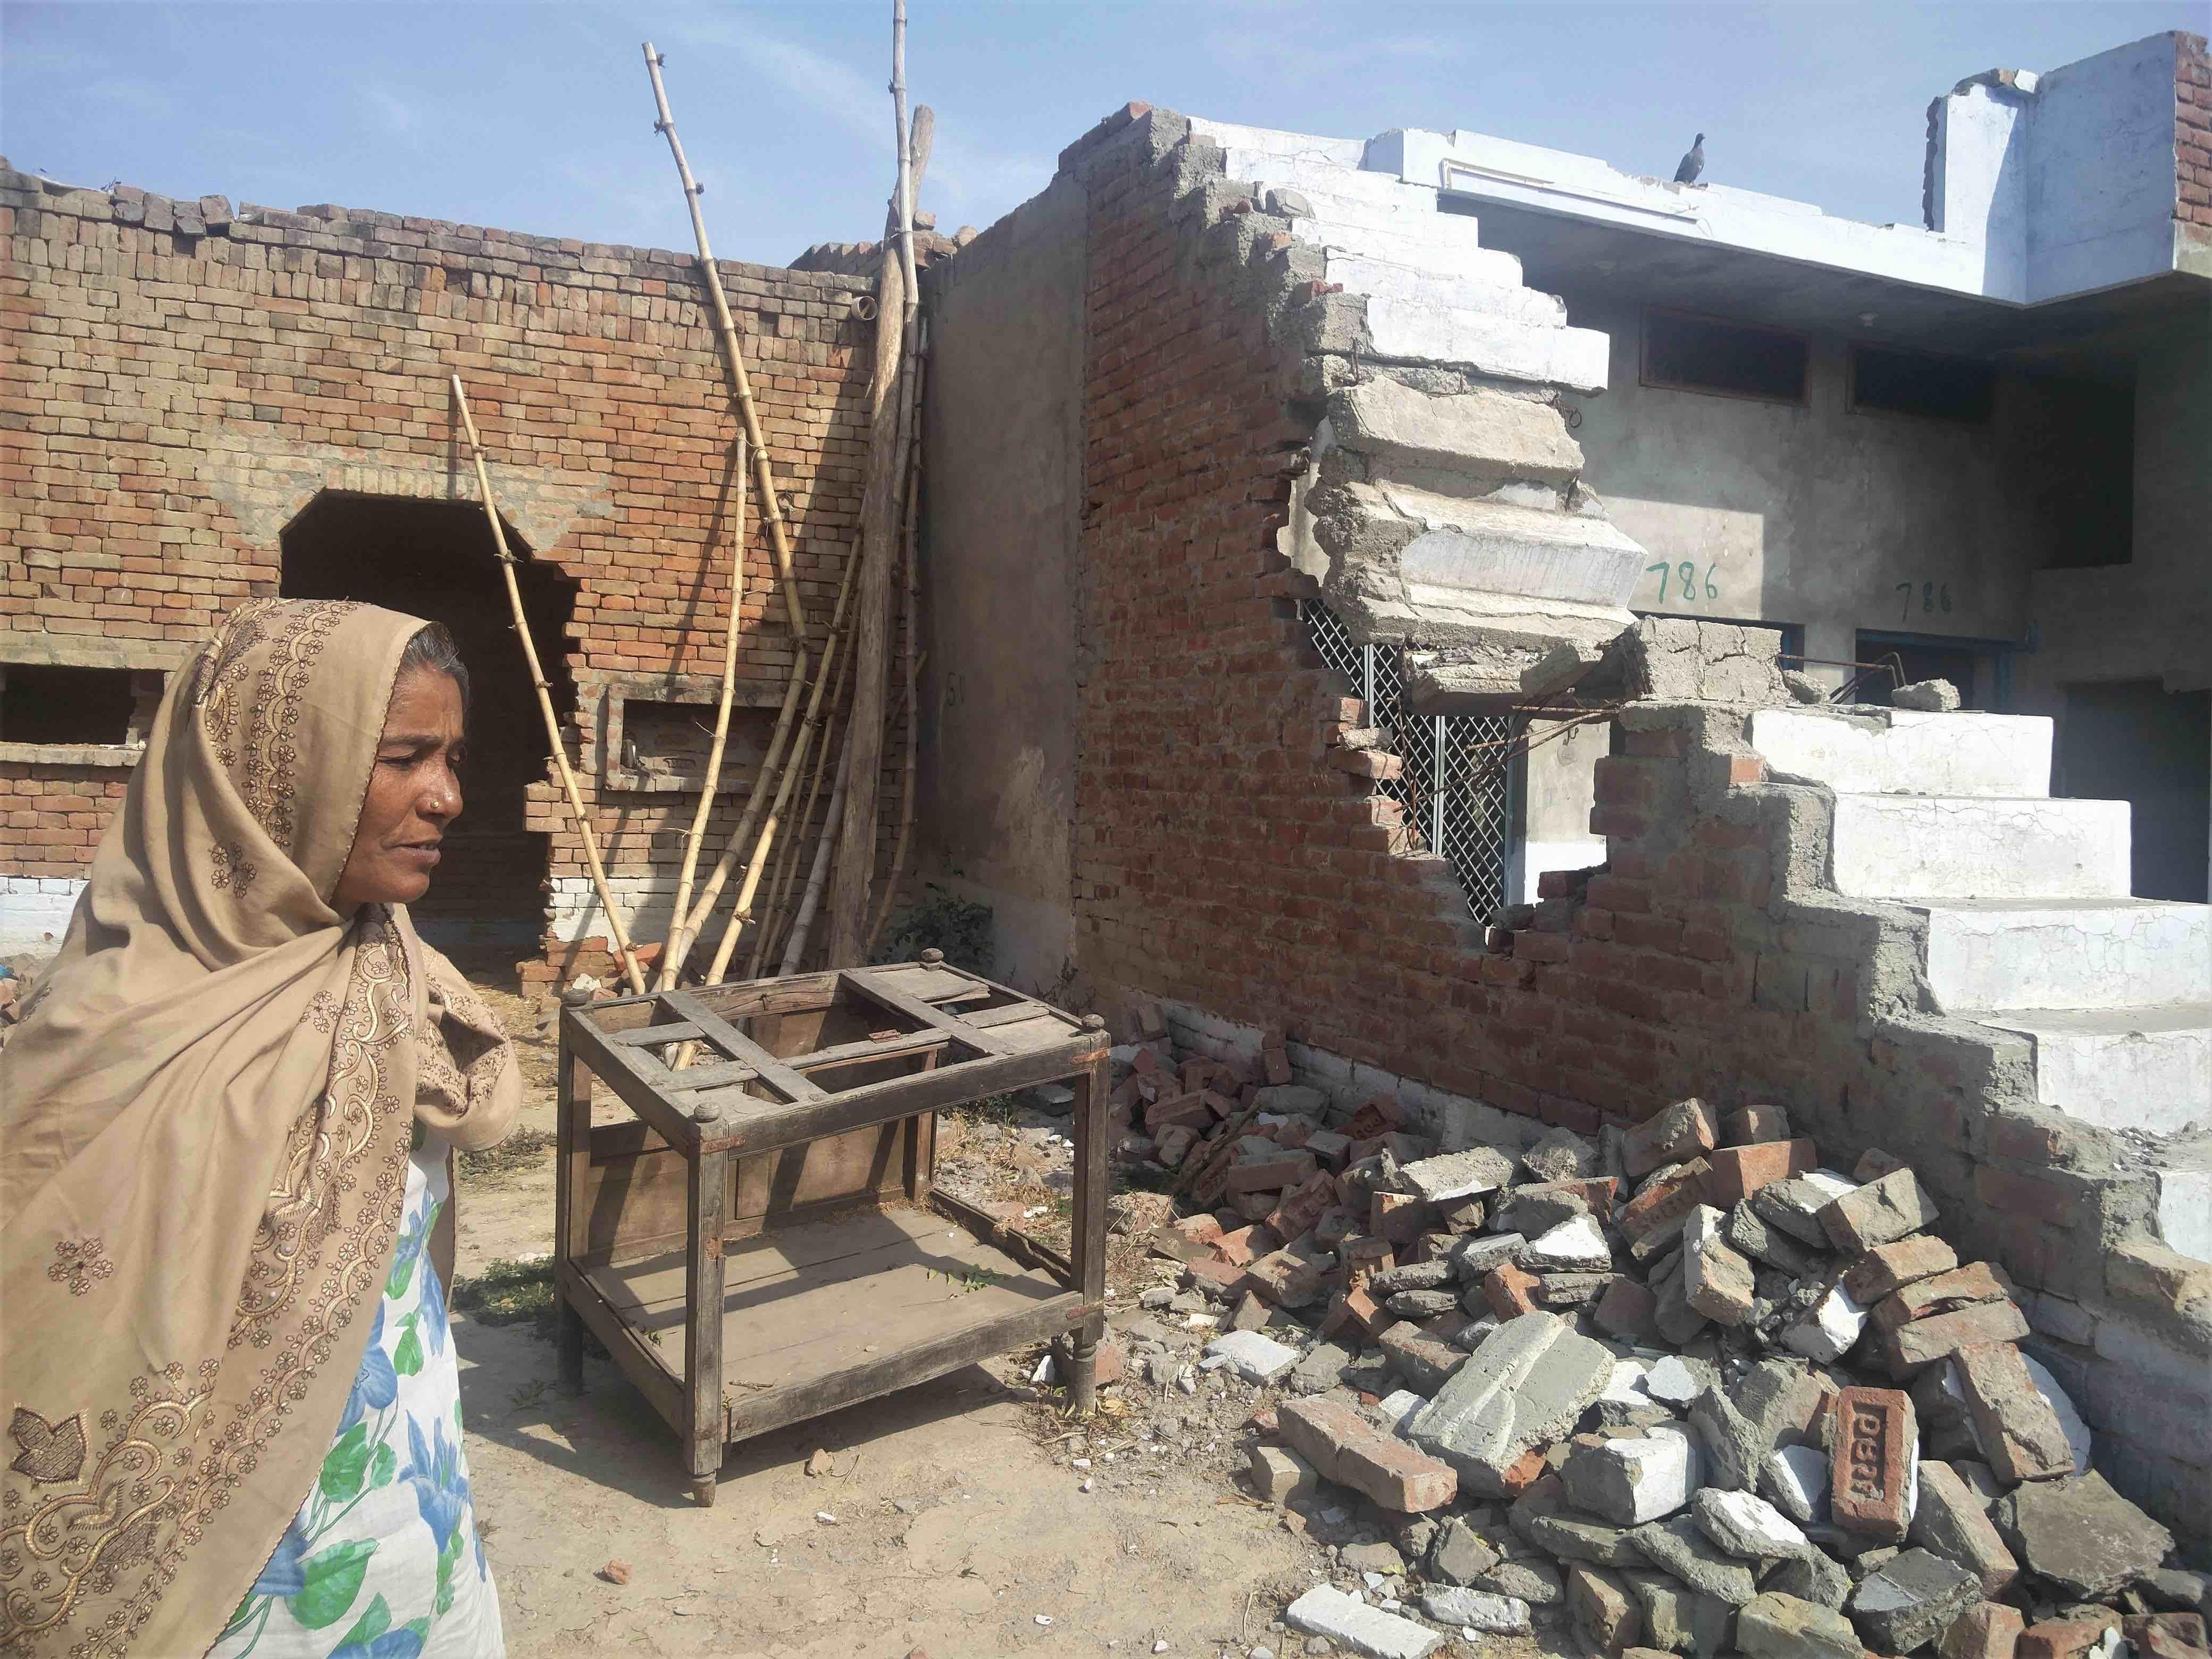 Meena, Vasim's mother, in her house broken down by the cops. Credit: Neha Dixit